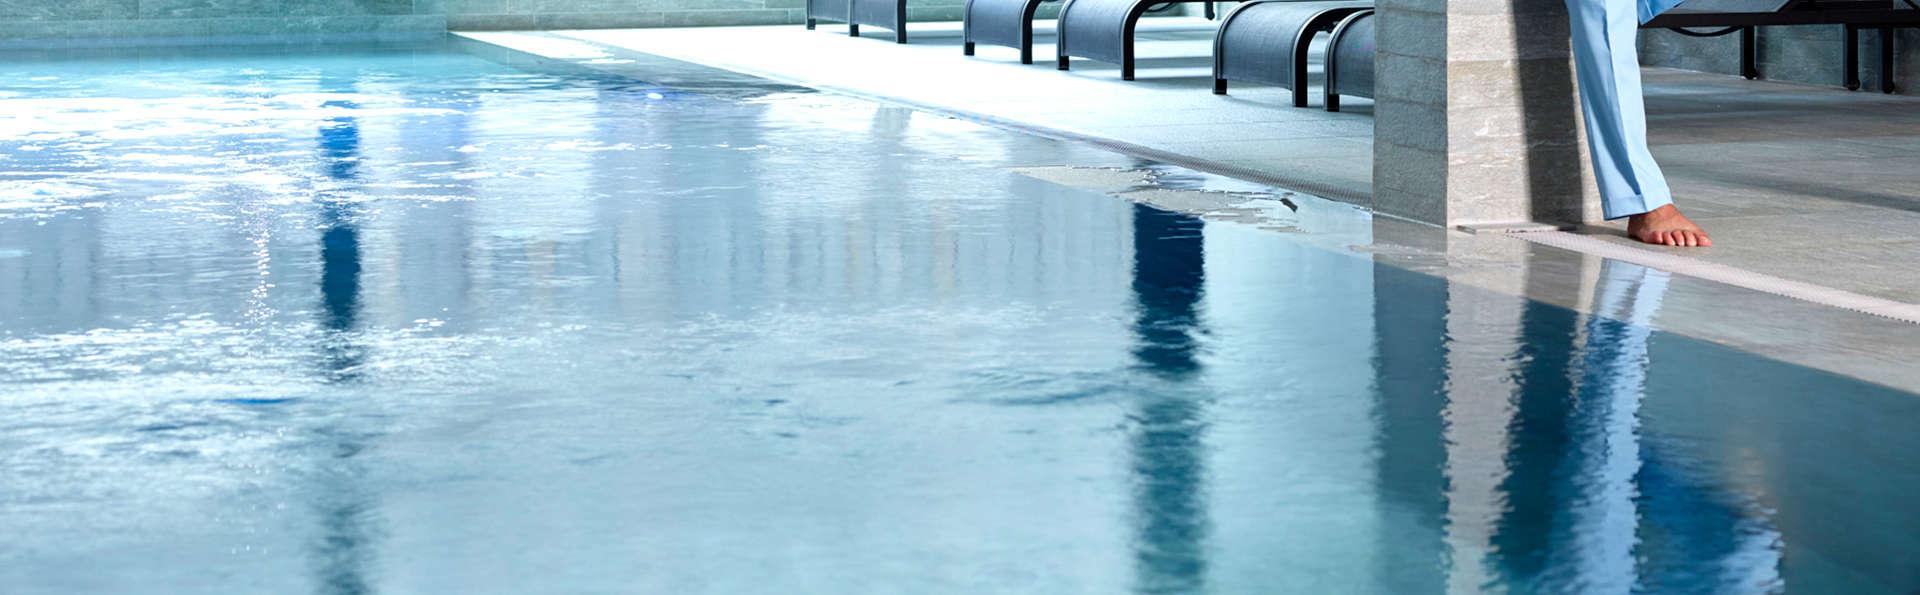 Profitez de ce splendide hôtel à Courtrai avec accès au wellness